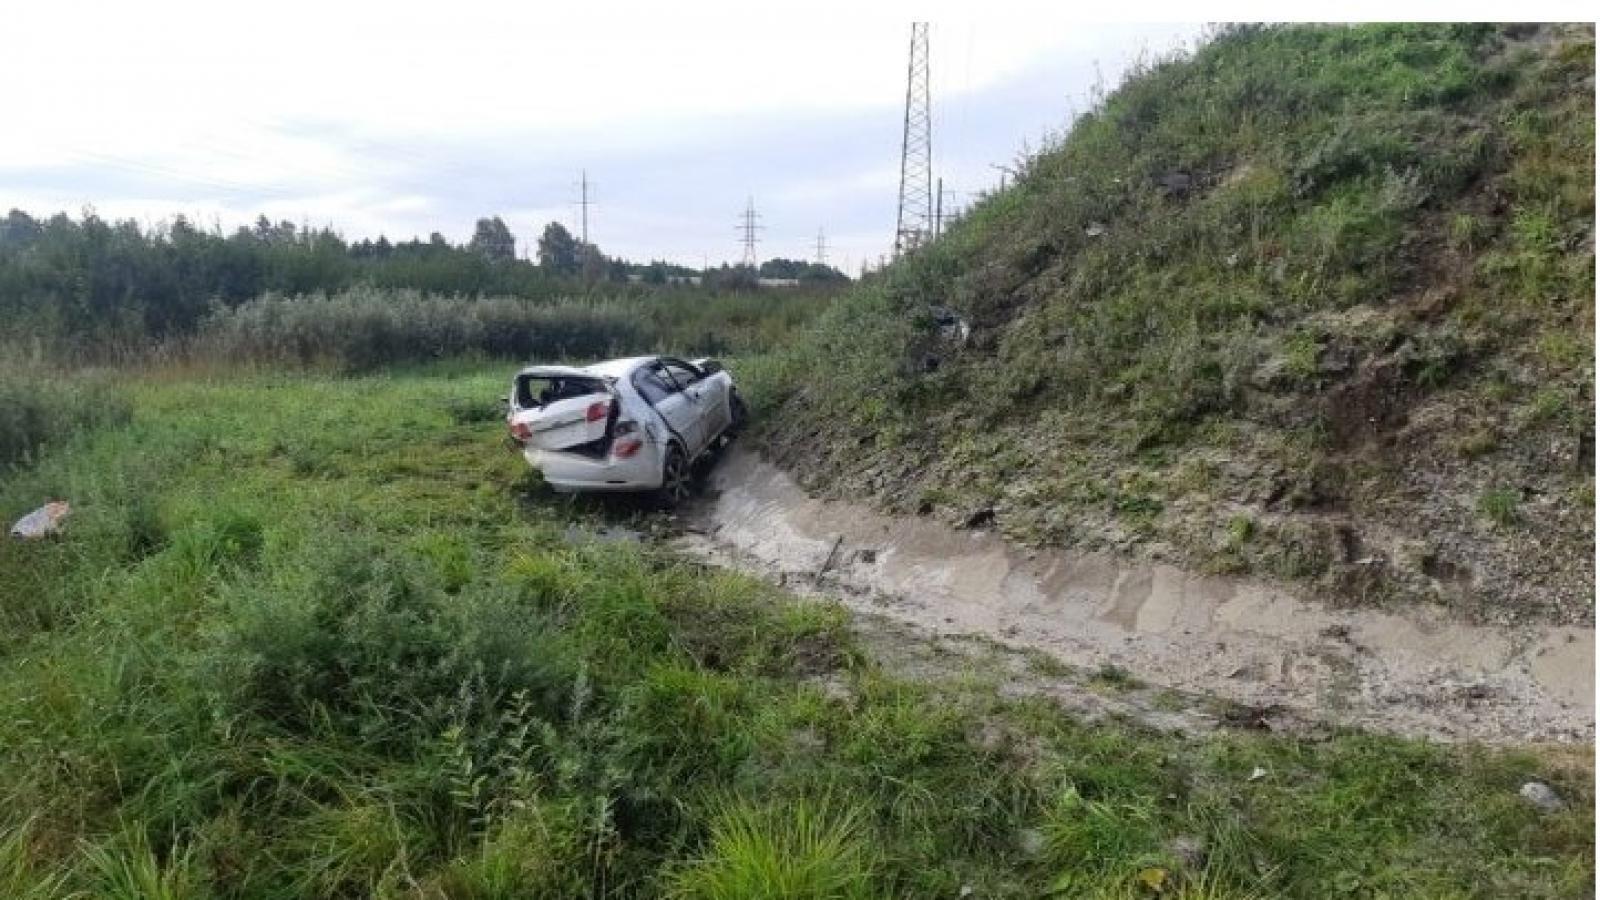 Пьяный водитель вылетел в кювет и получил серьёзные травмы